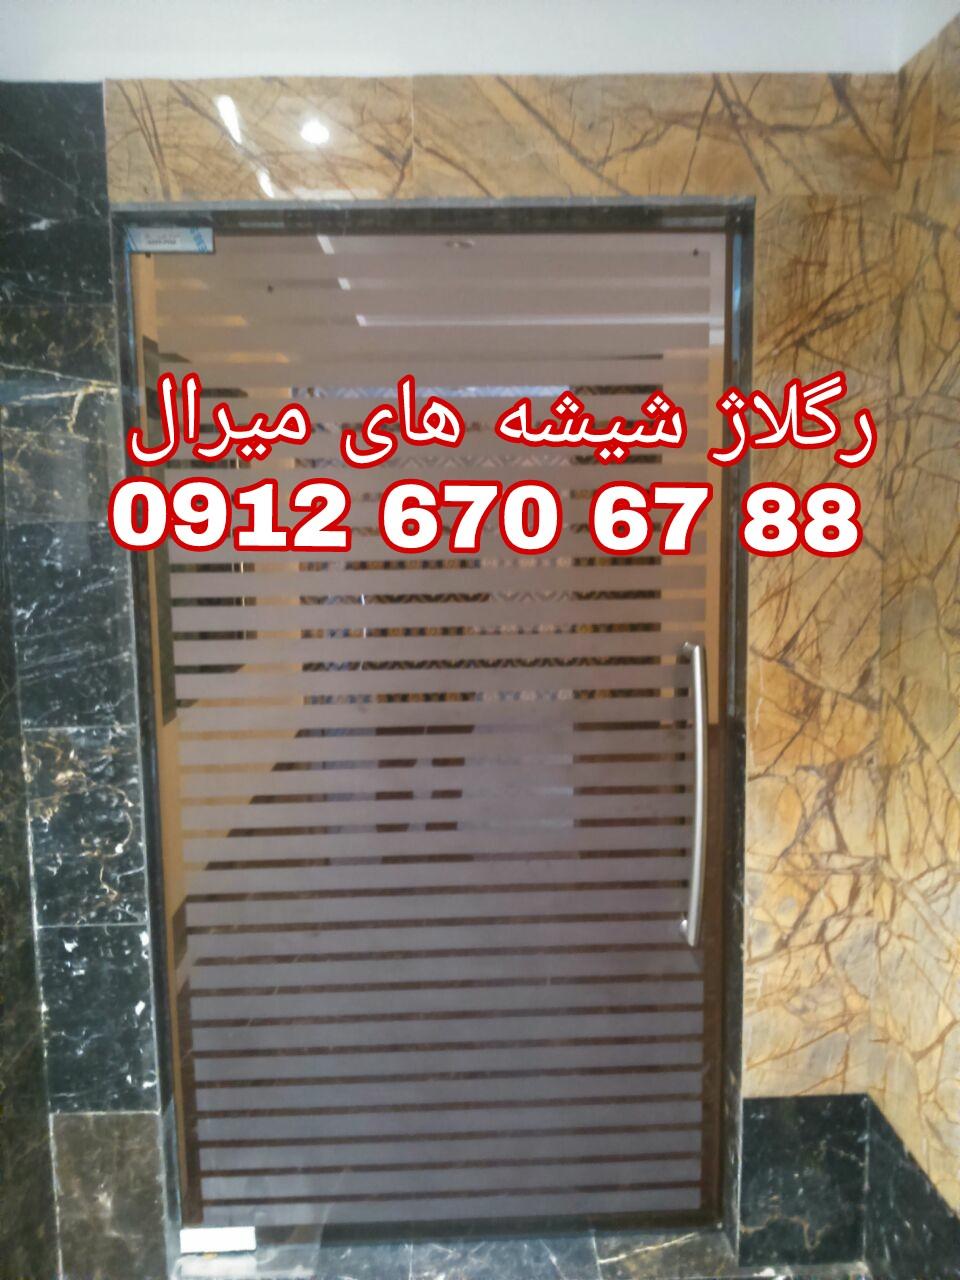 خدمات درب شیشه ای راه پله و ساختمان ها 09126706788